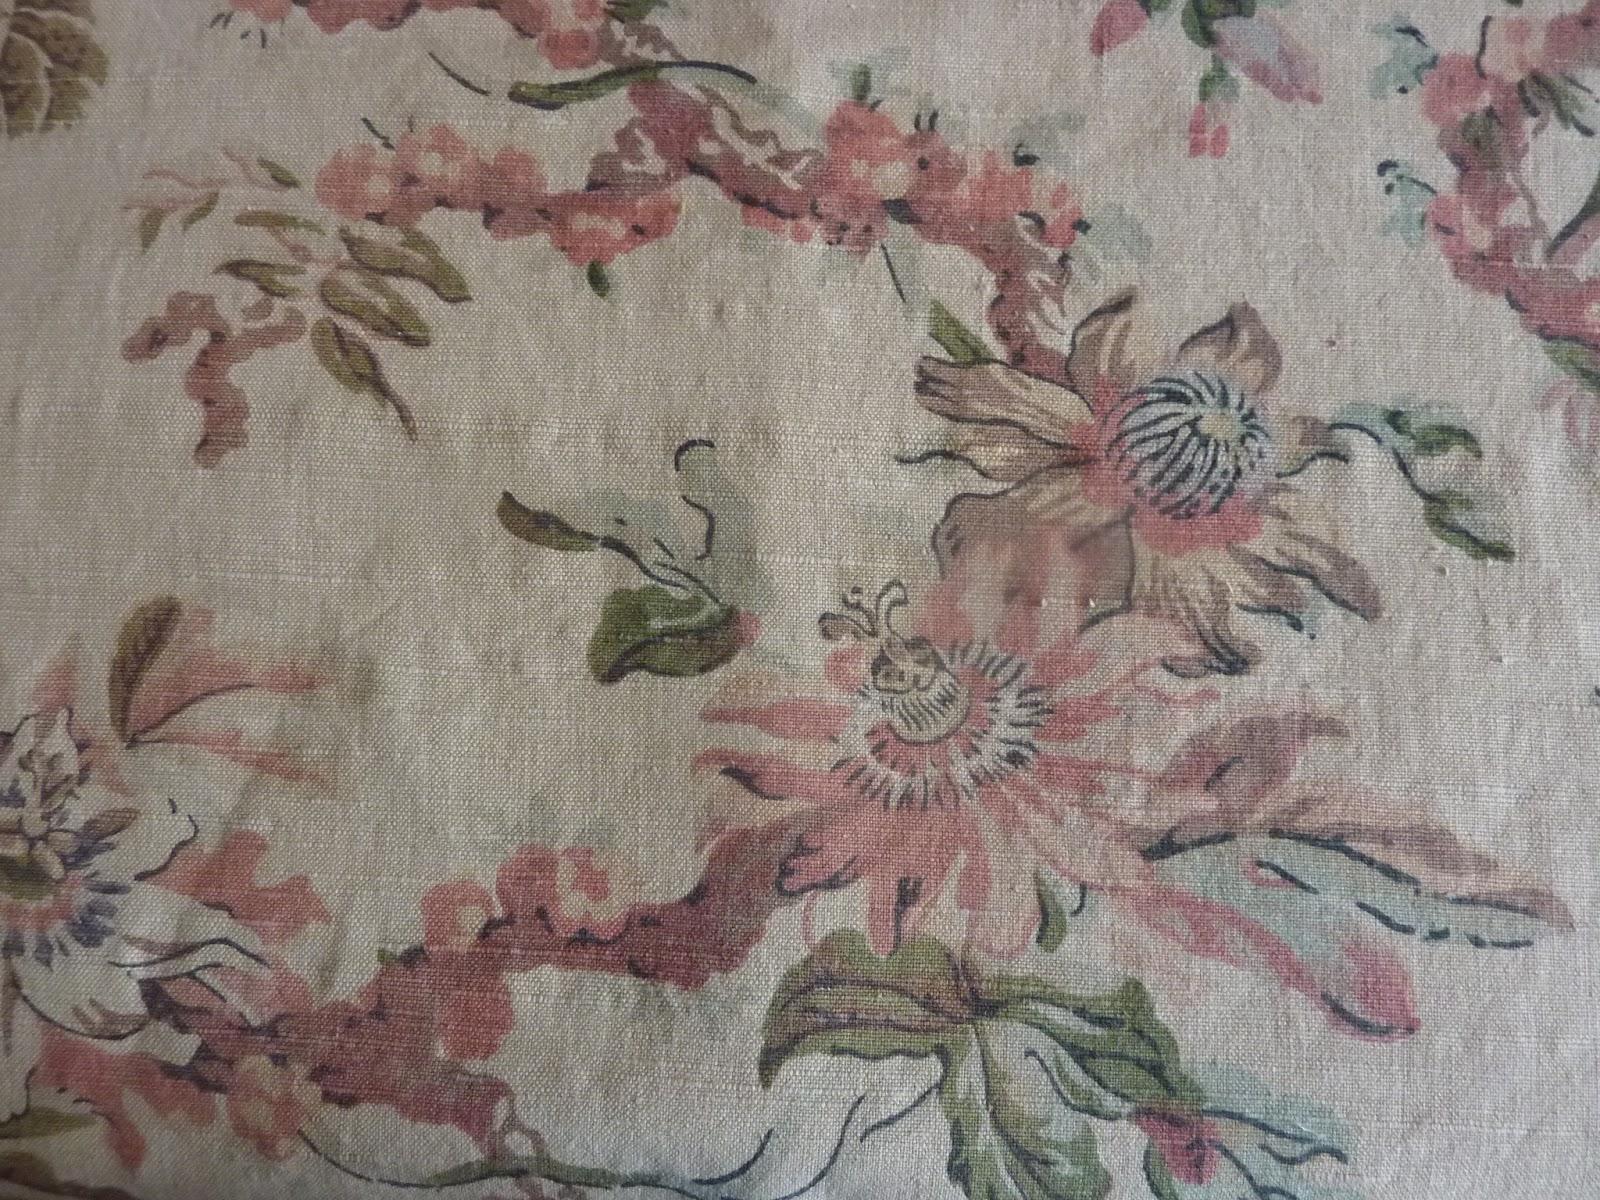 807 magnifique tissu ameublement ancien 19e fleuri - Tissus d ameublement anglais ...